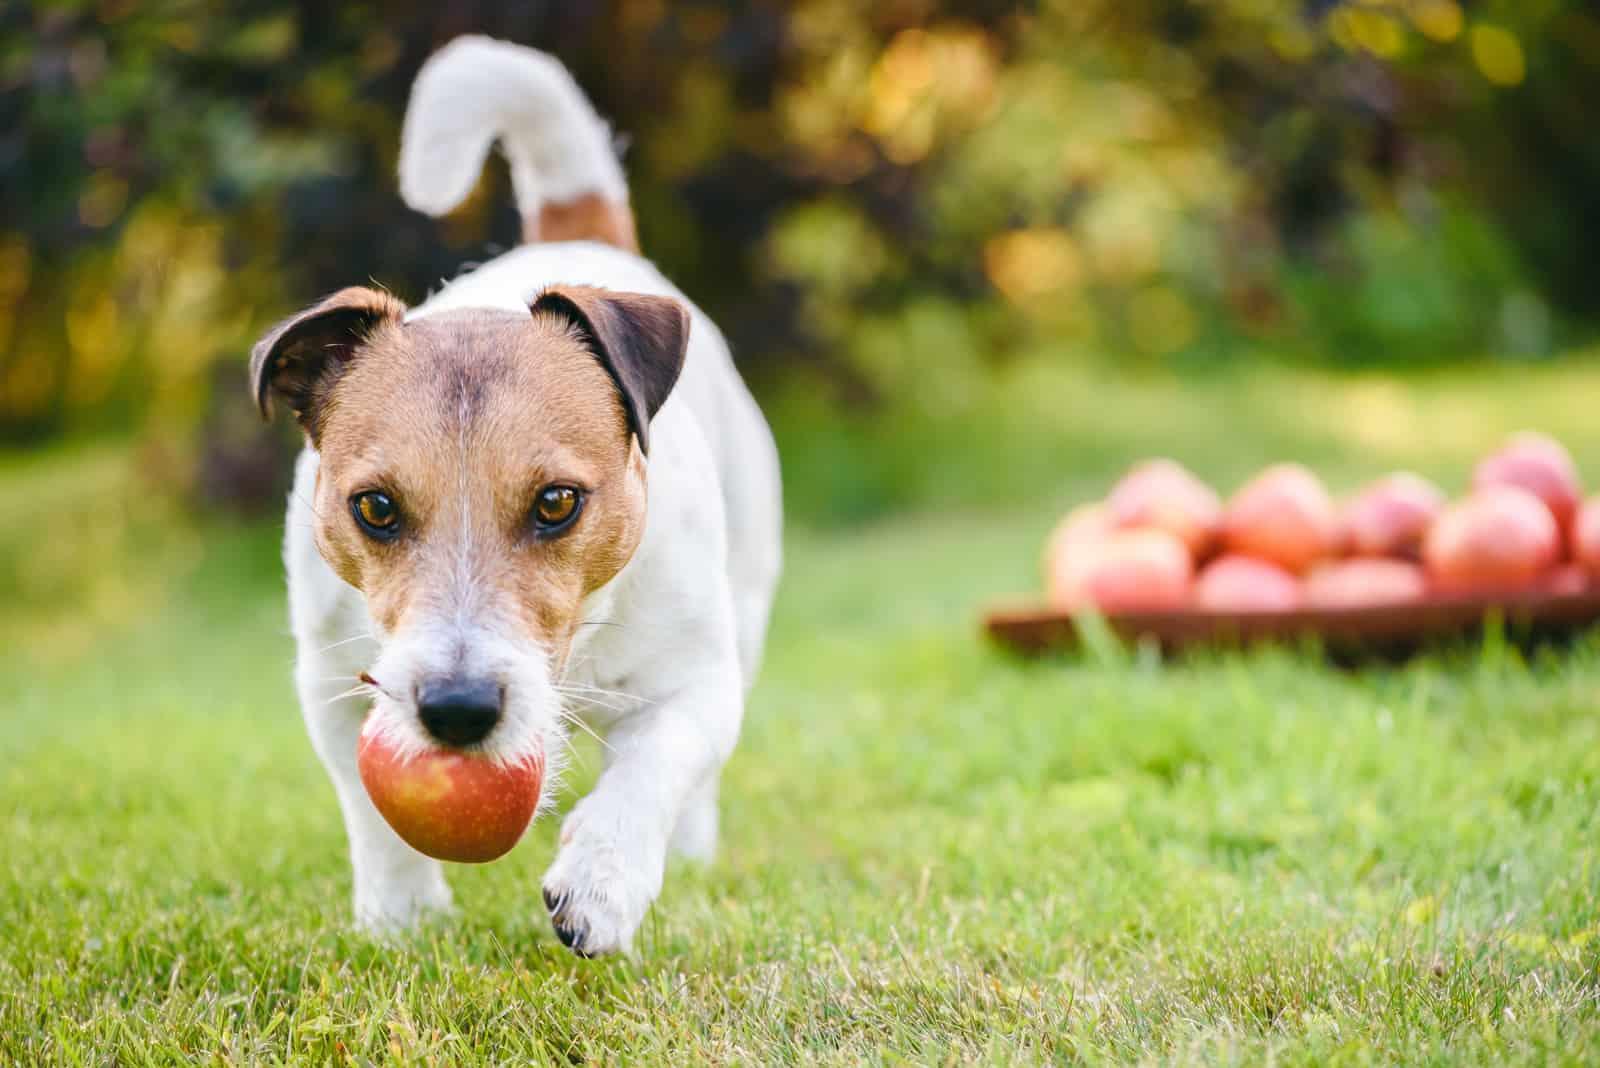 Hund hält Apfel im Mund